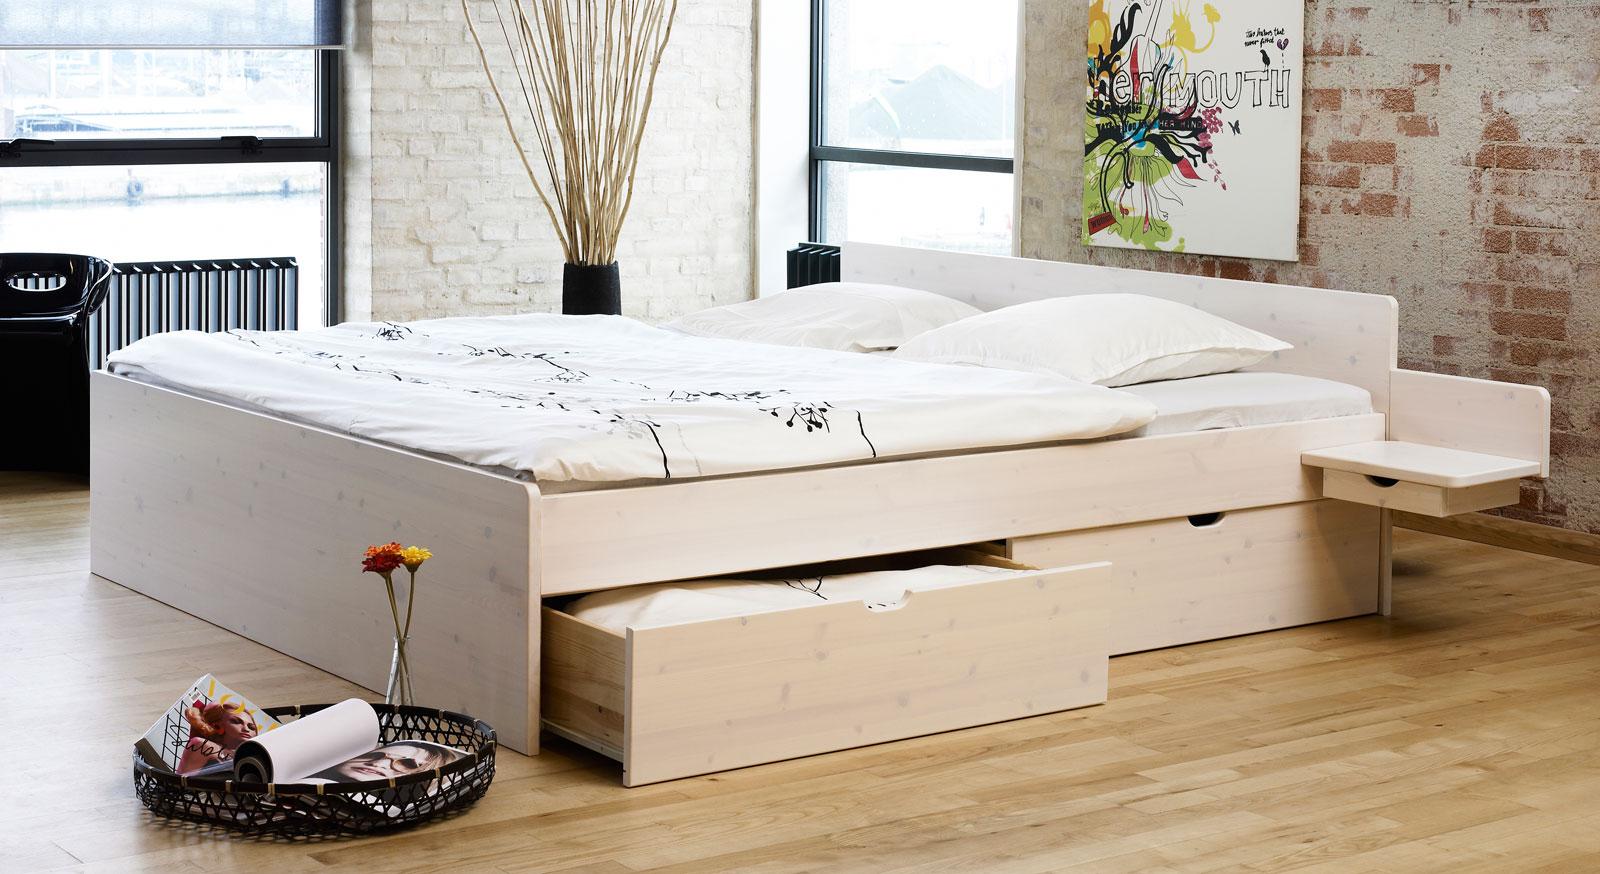 Full Size of Schubkasten Doppelbett Aus Buche Oder Kiefer Bett Norwegen Küche Kaufen Ikea Schöne Betten Bei Somnus Ebay Günstige Balinesische Schlafzimmer Massivholz Bett Betten Bei Ikea